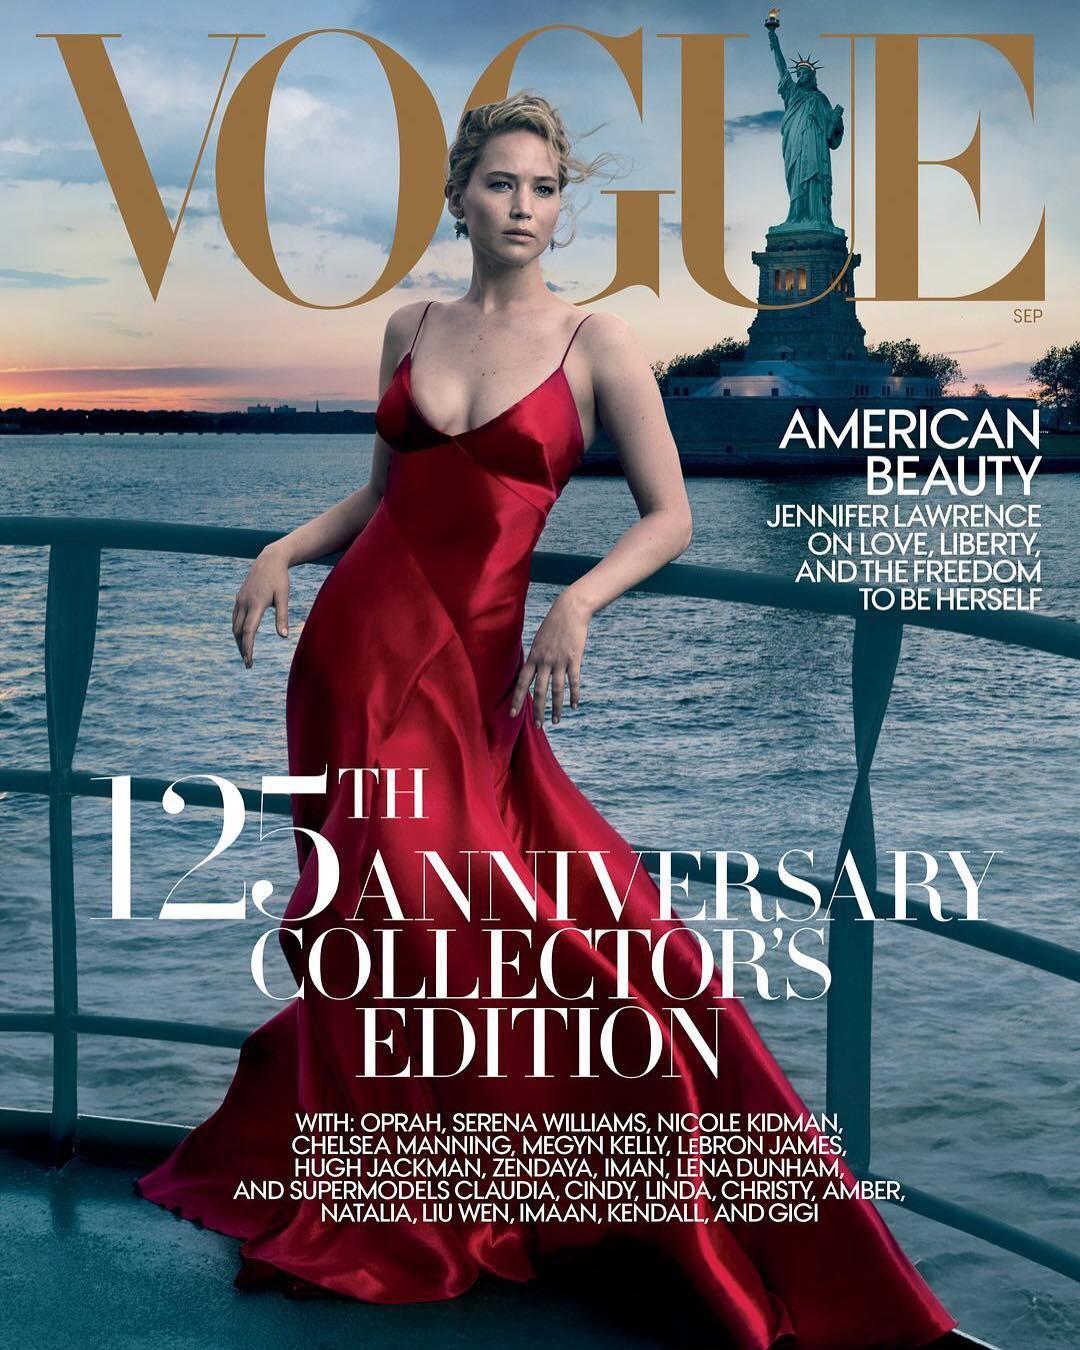 Pelas lentes de Annie Leibovitz, Jennifer aparece a bordo de um vestido de gala vermelho da Ralph Lauren posando em frente à Estátua da Liberdade.   (Foto: Divulgação)